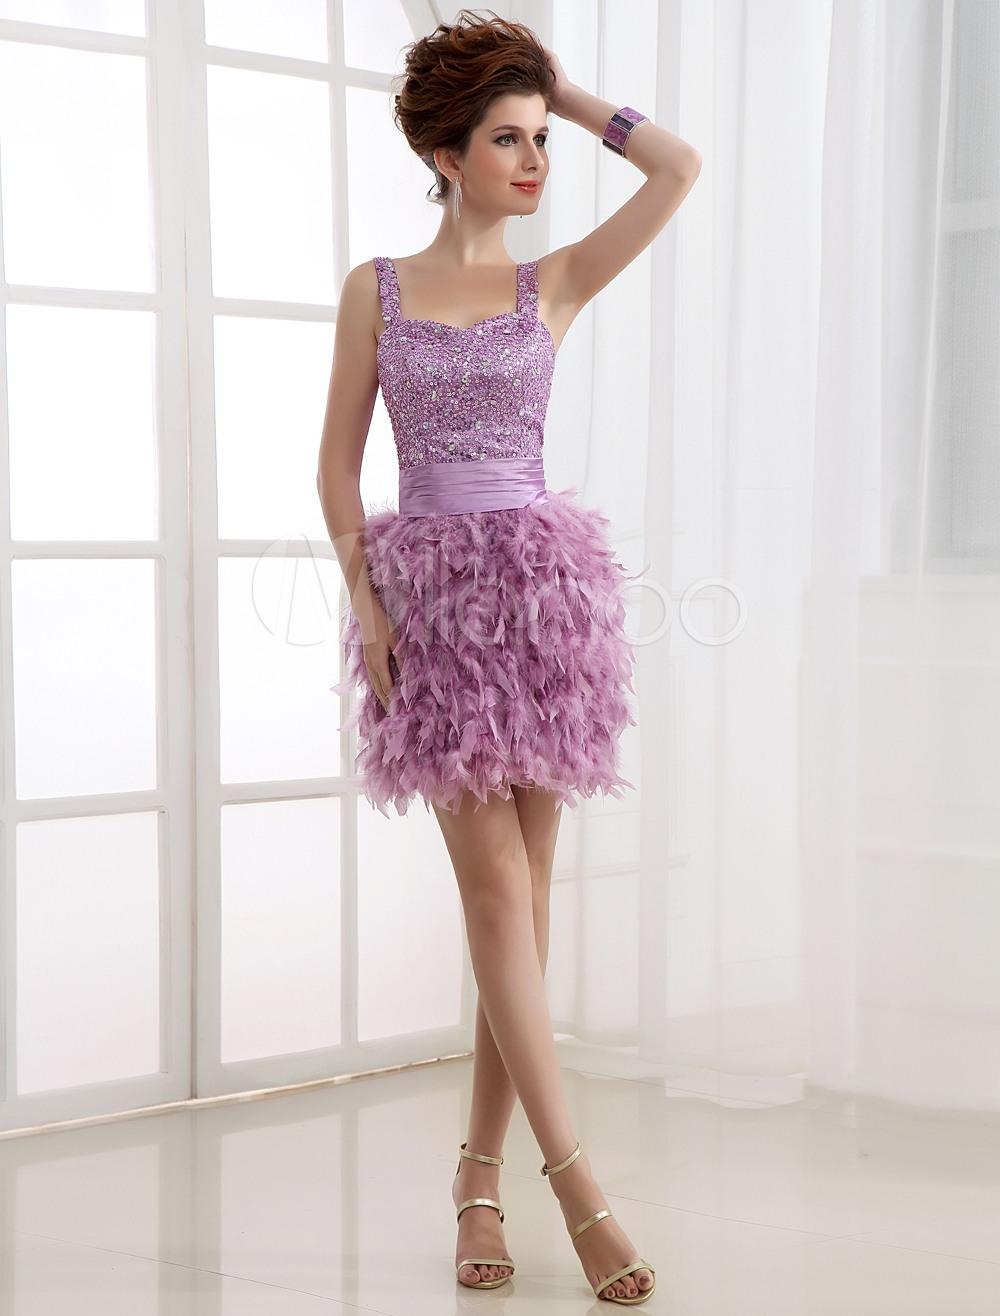 Designer Wunderbar Kleid Mit Federn Bester Preis Schön Kleid Mit Federn Spezialgebiet